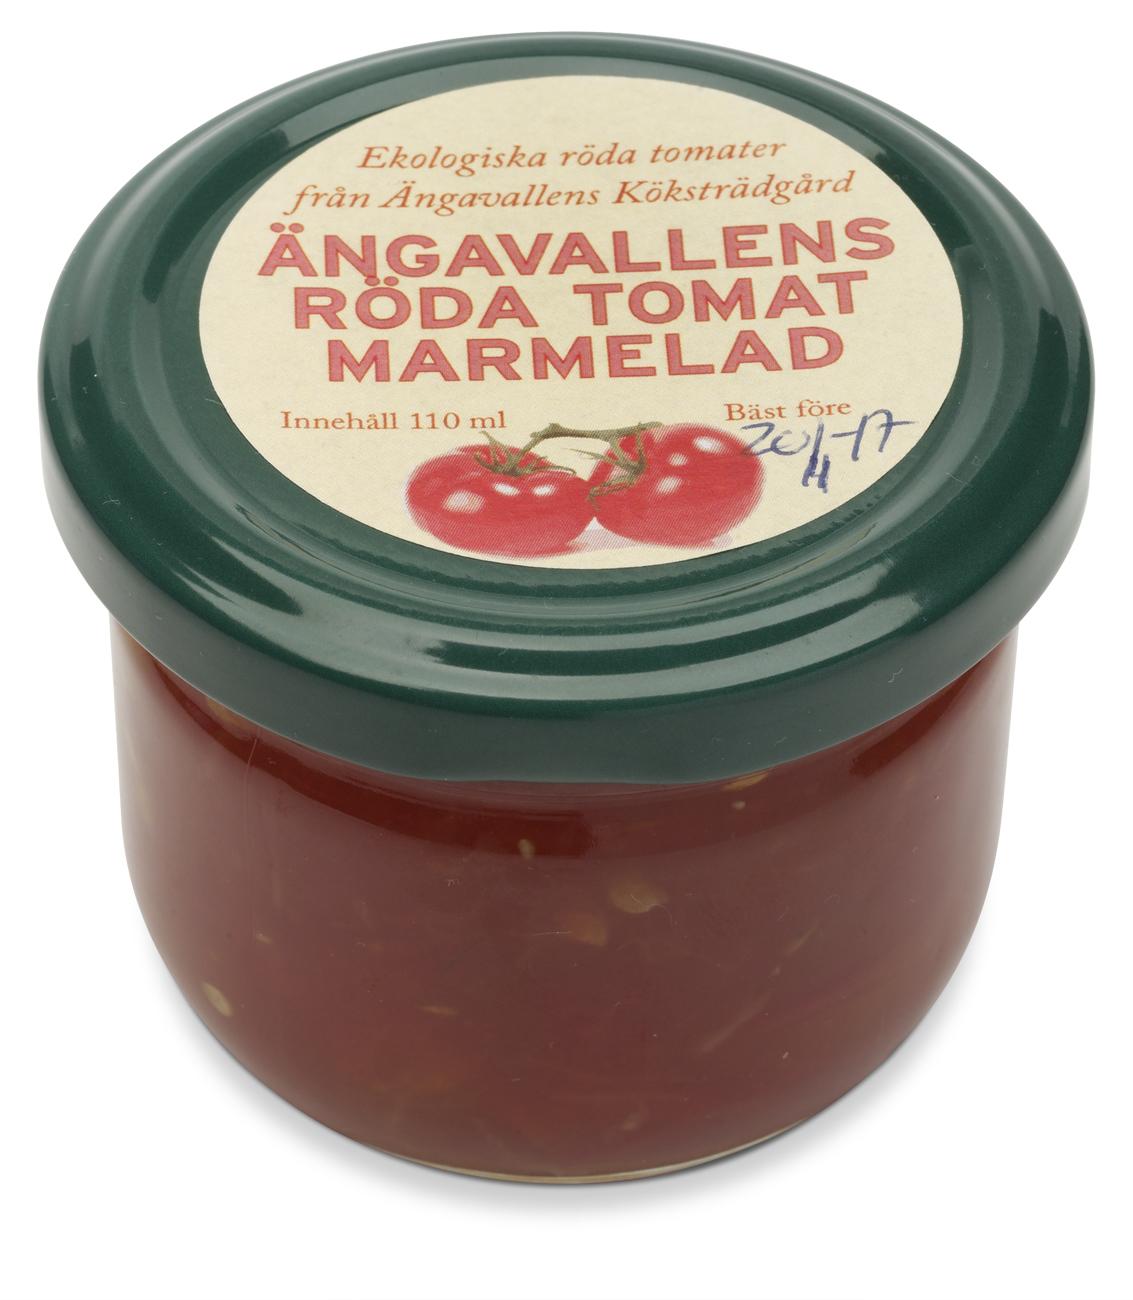 Ängavallens Röda tomat marmelad